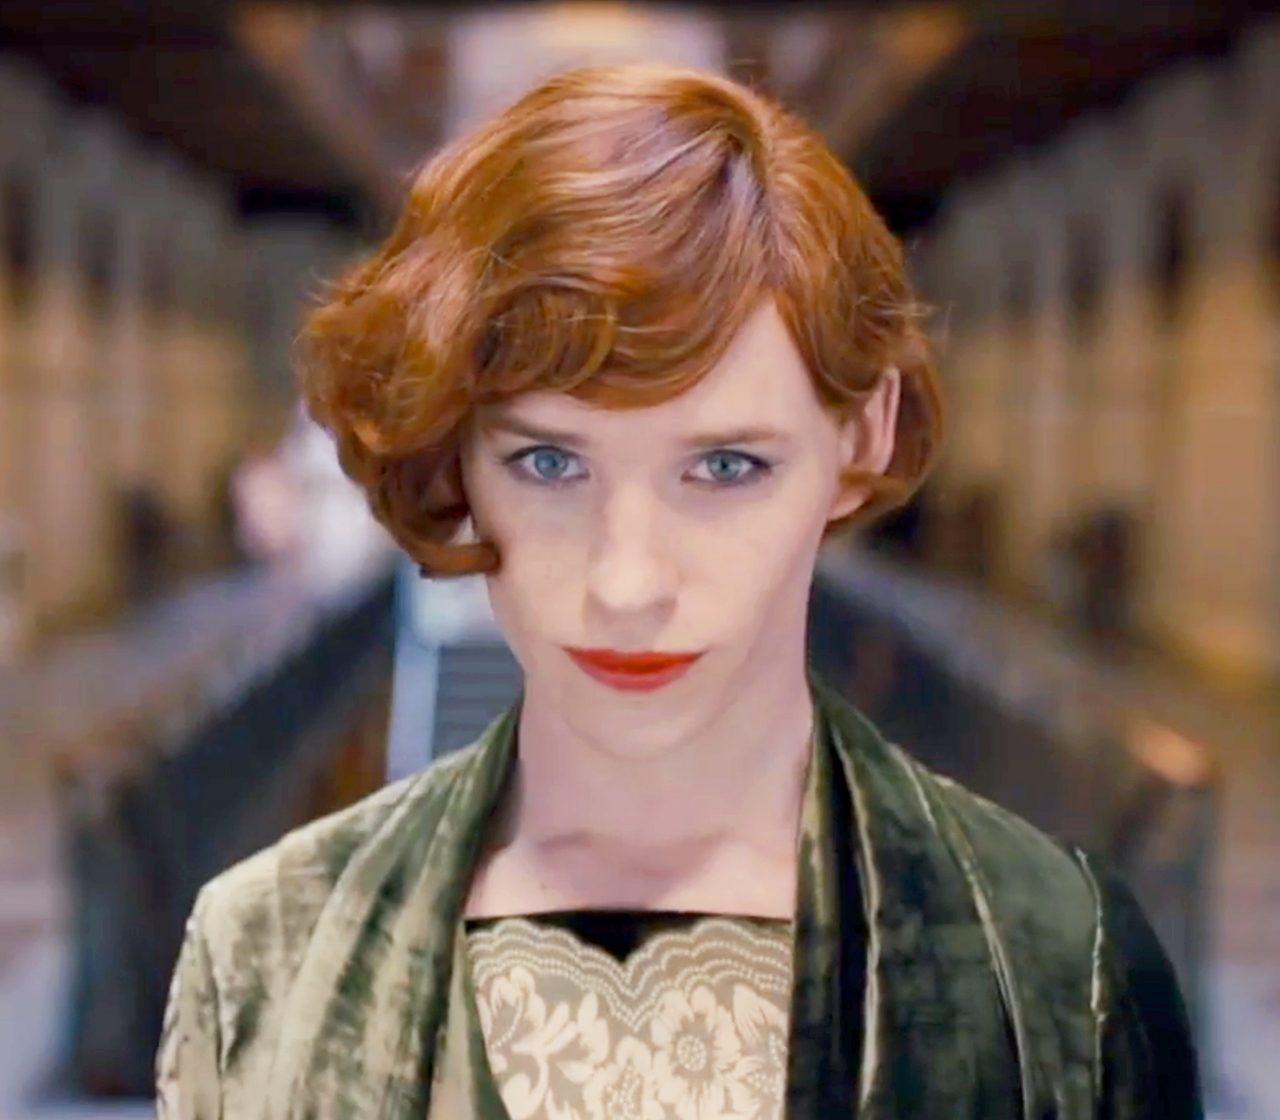 画像: Eddie Redmayne Transforms Into a Beautiful Woman in The Danish Girl Trailer